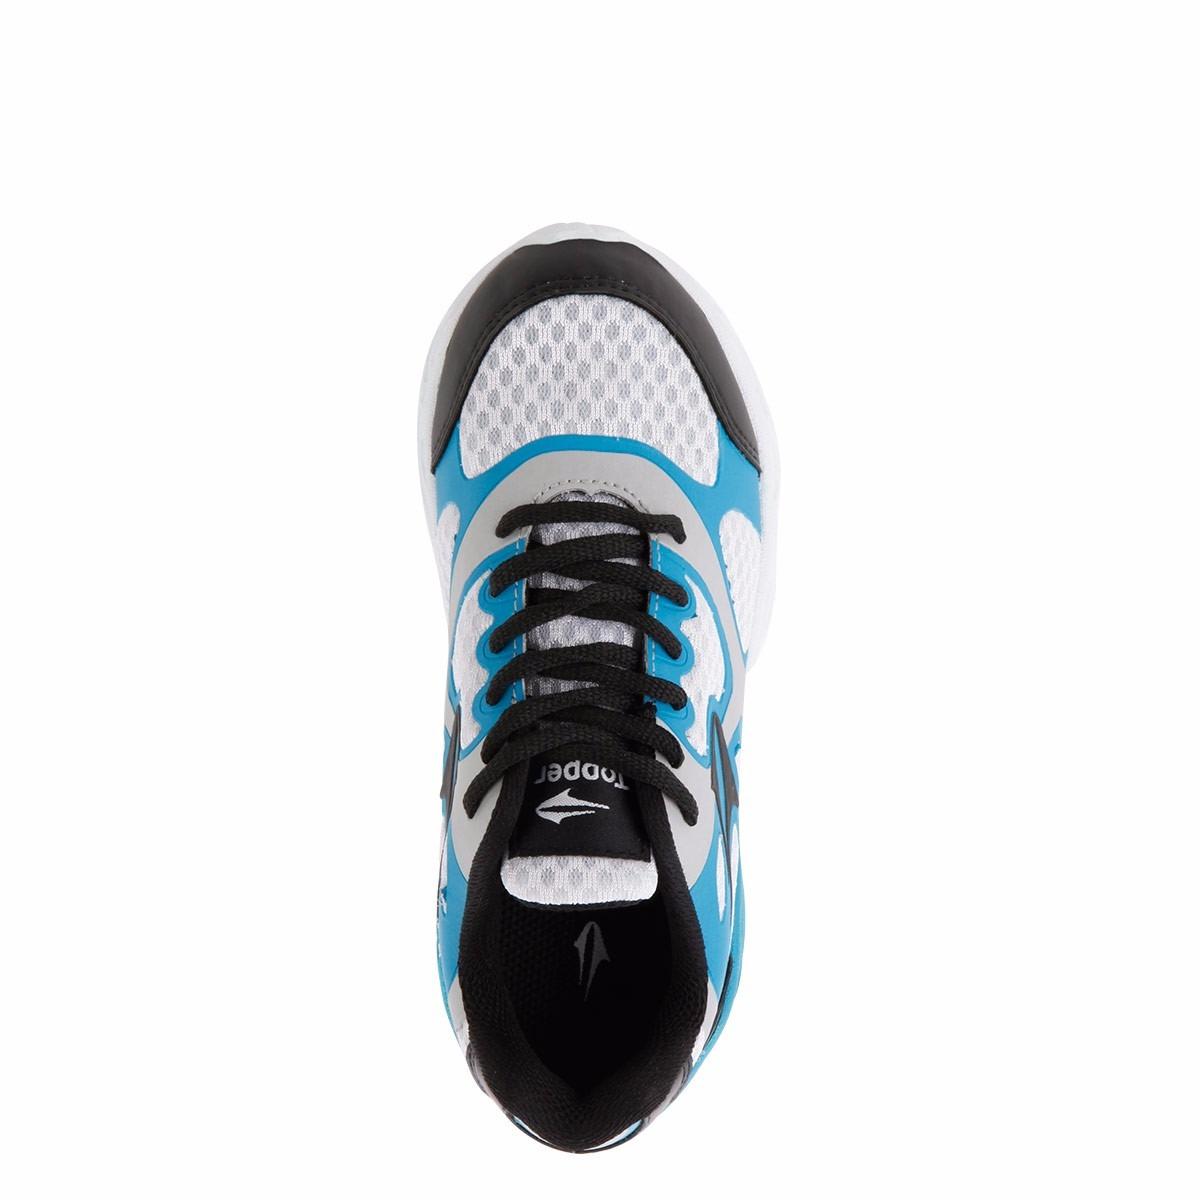 Zapatillas Topper Training Volt Kids Nene - $ 1.299,00 en Mercado Libre